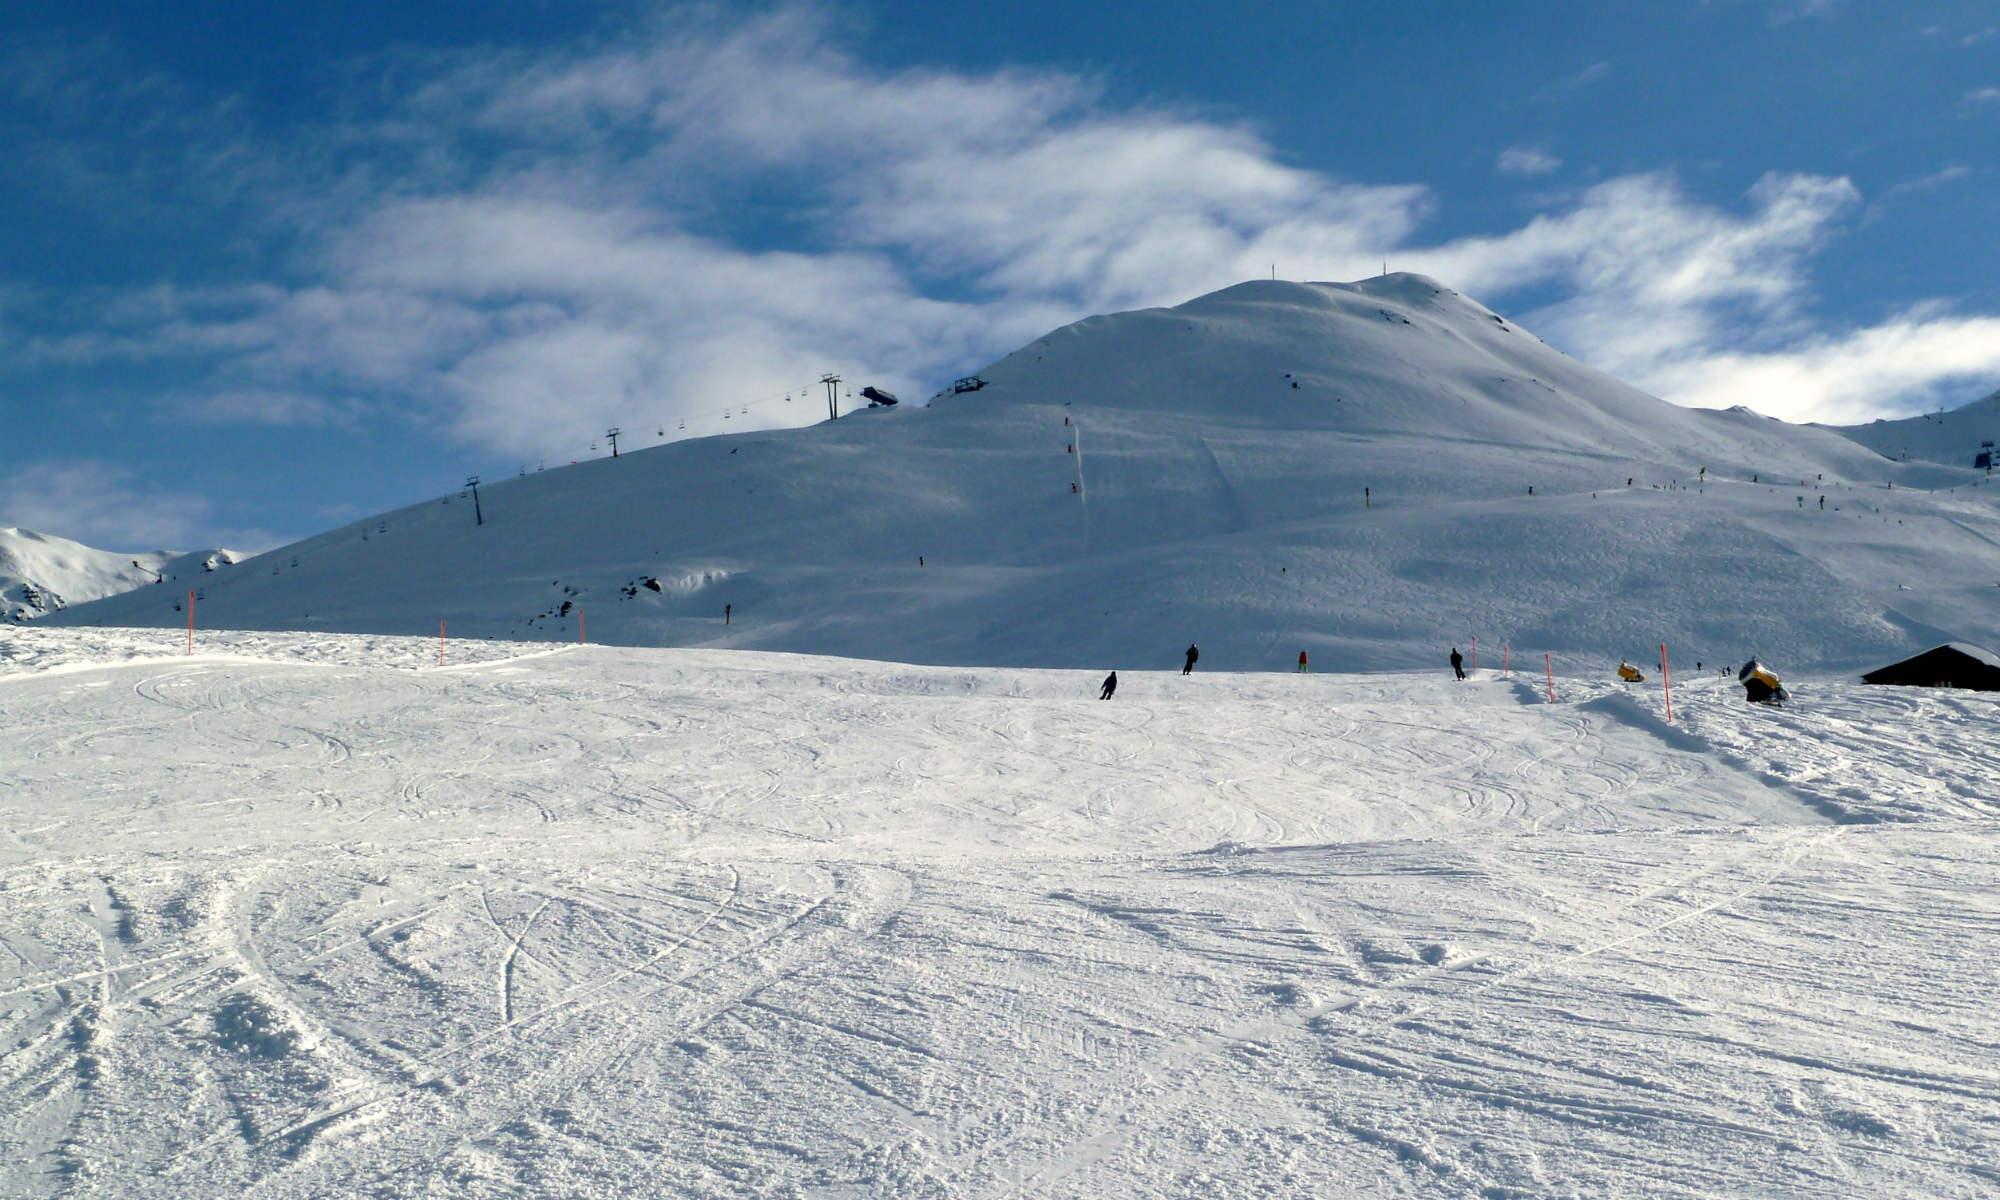 Piste im Skigebiet Davos-Klosters bei Sonnenschein.